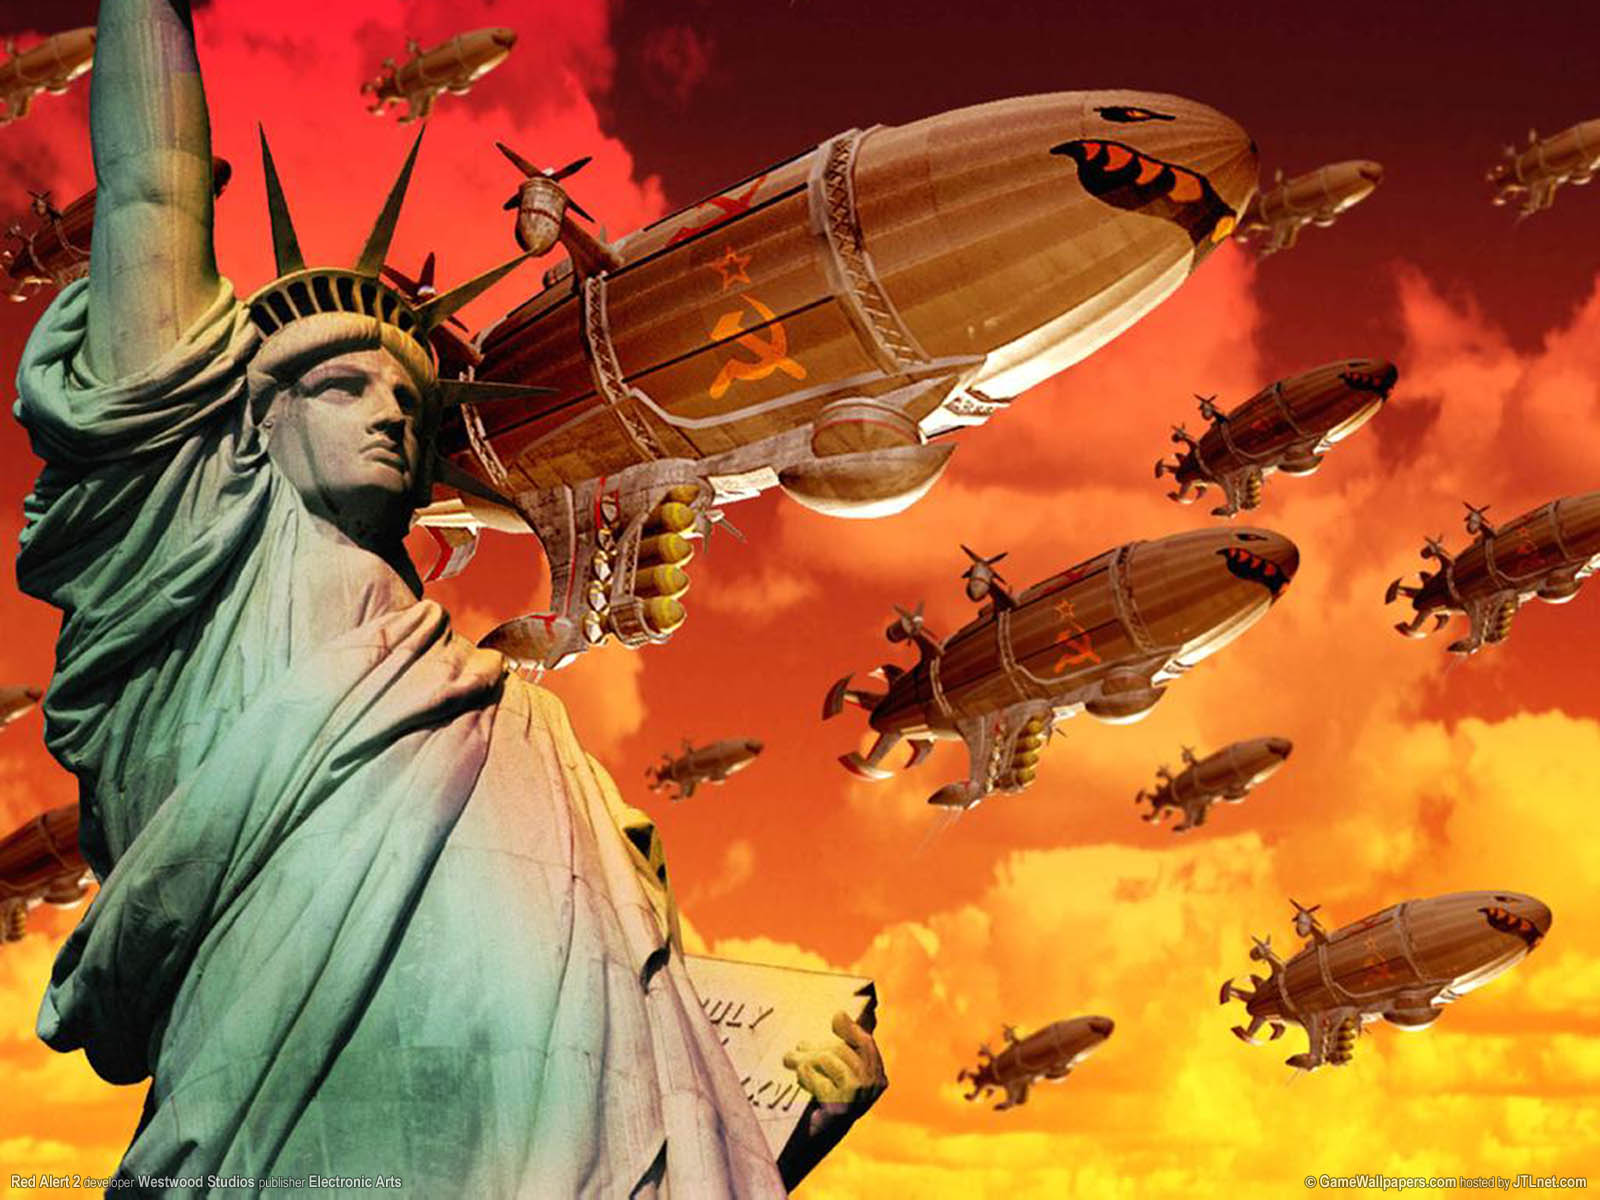 http://3.bp.blogspot.com/-uxQOicTsG90/T2EbO55340I/AAAAAAAAD5c/yFQCGhYV-T8/s1600/wallpaper_red_alert_2_02_1600.jpg